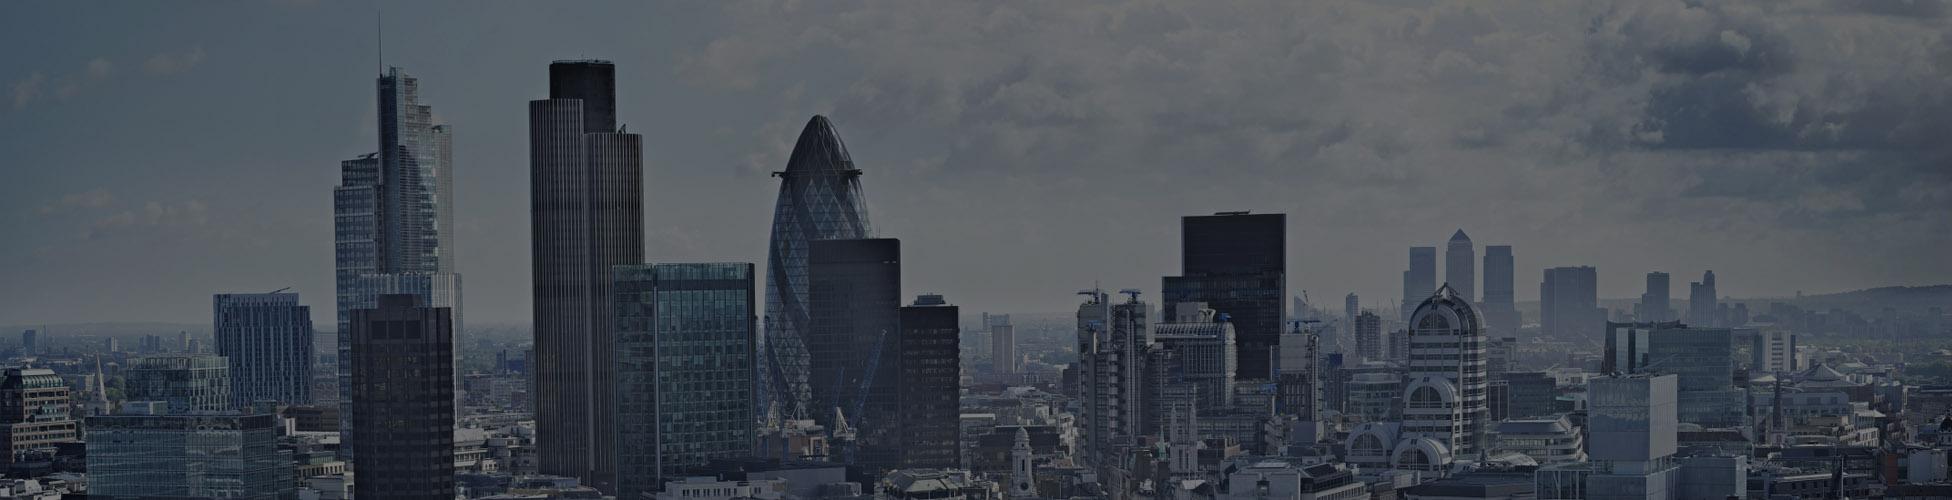 skyline_london